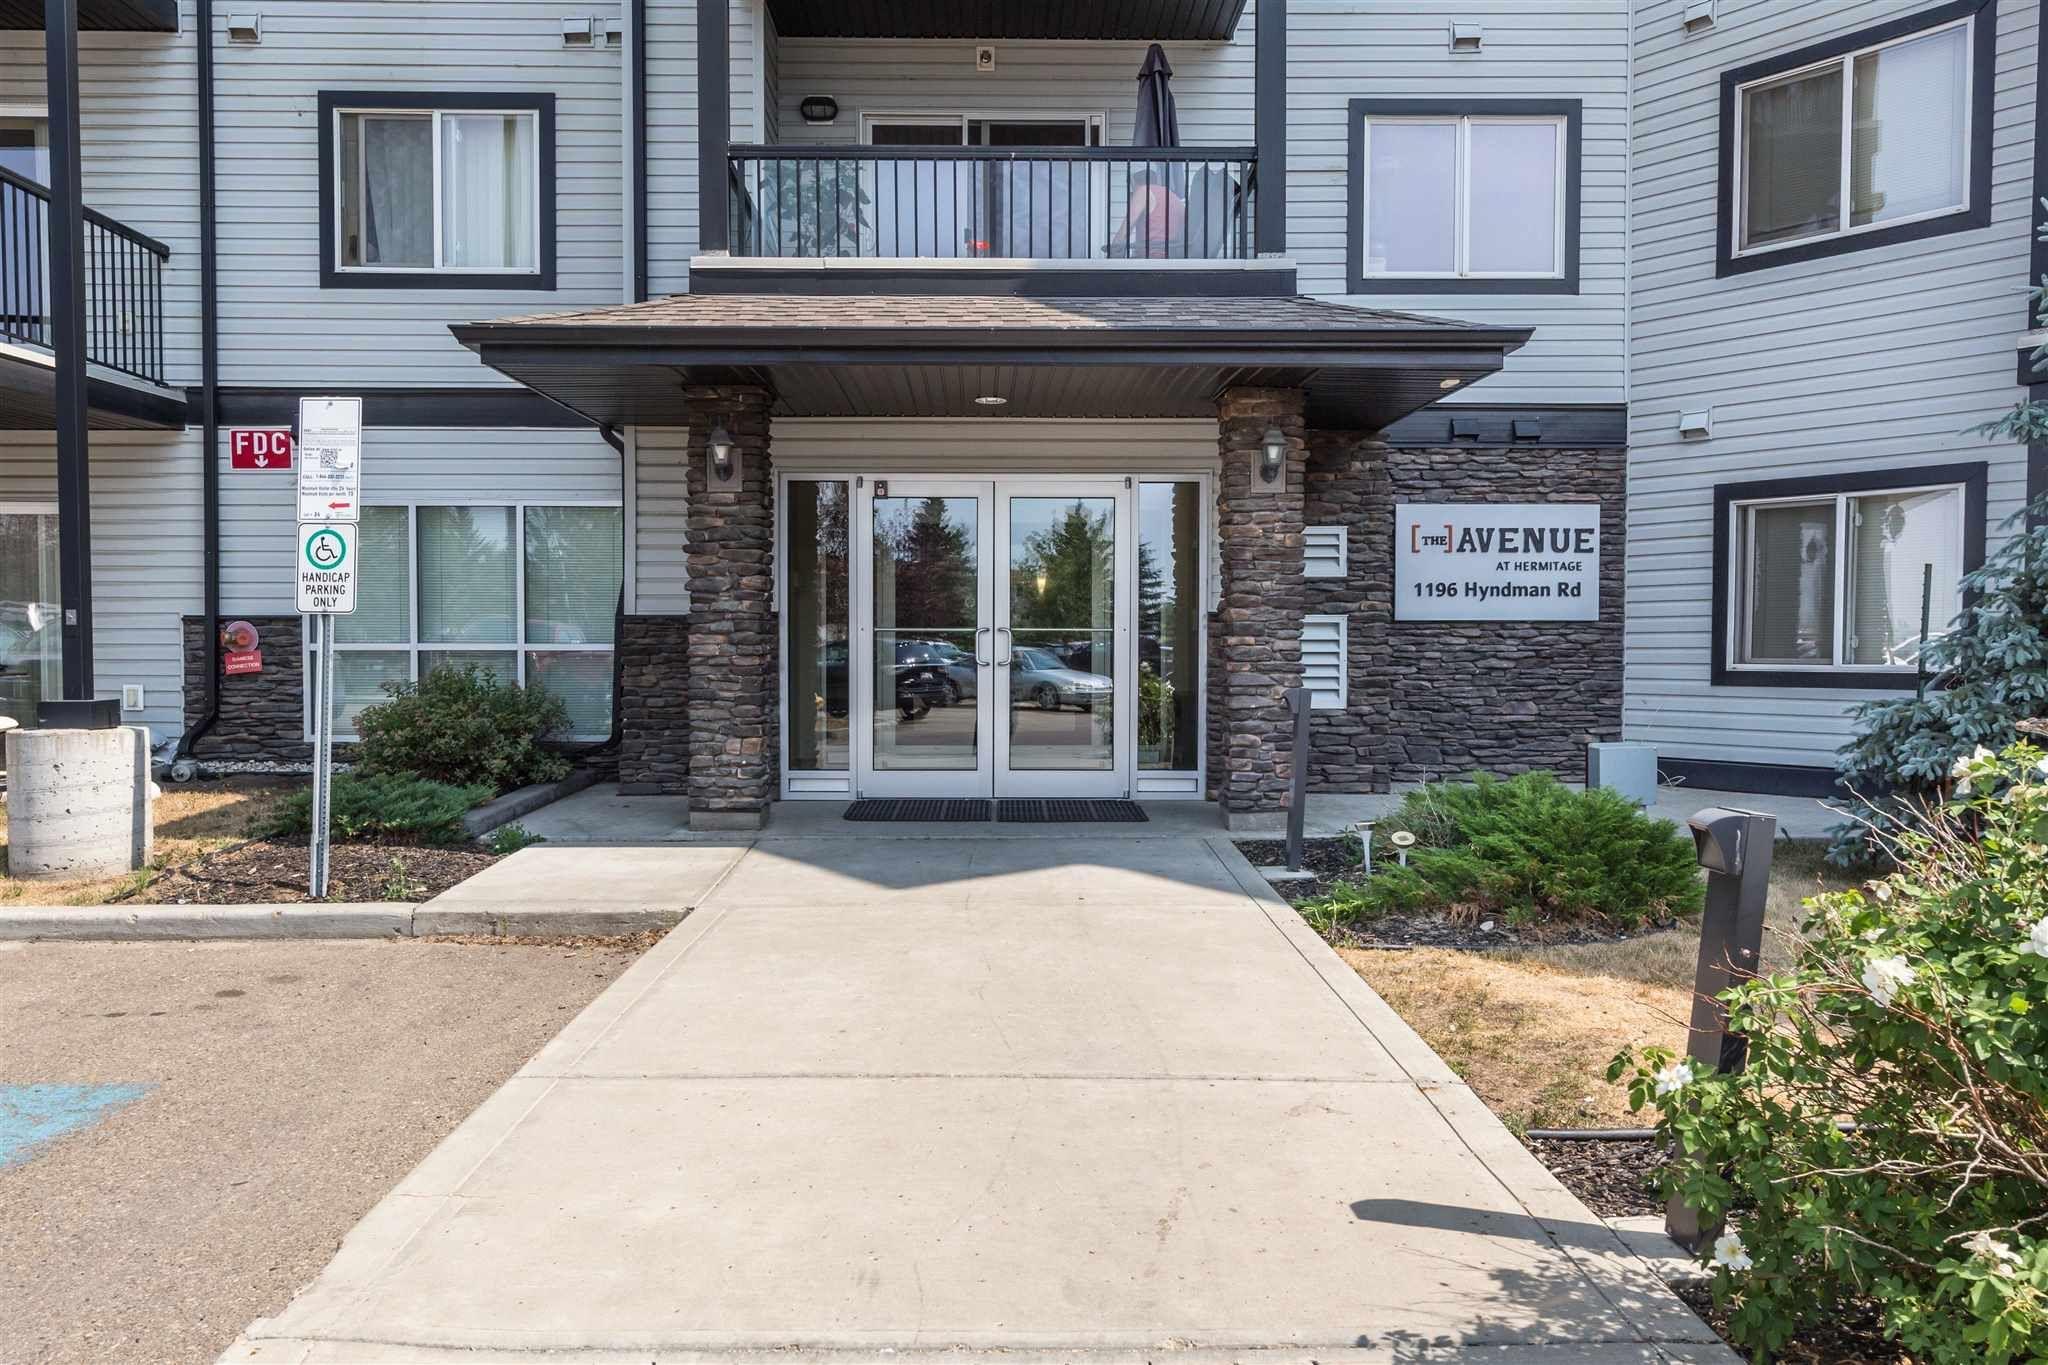 Main Photo: 144 1196 HYNDMAN Road in Edmonton: Zone 35 Condo for sale : MLS®# E4255292